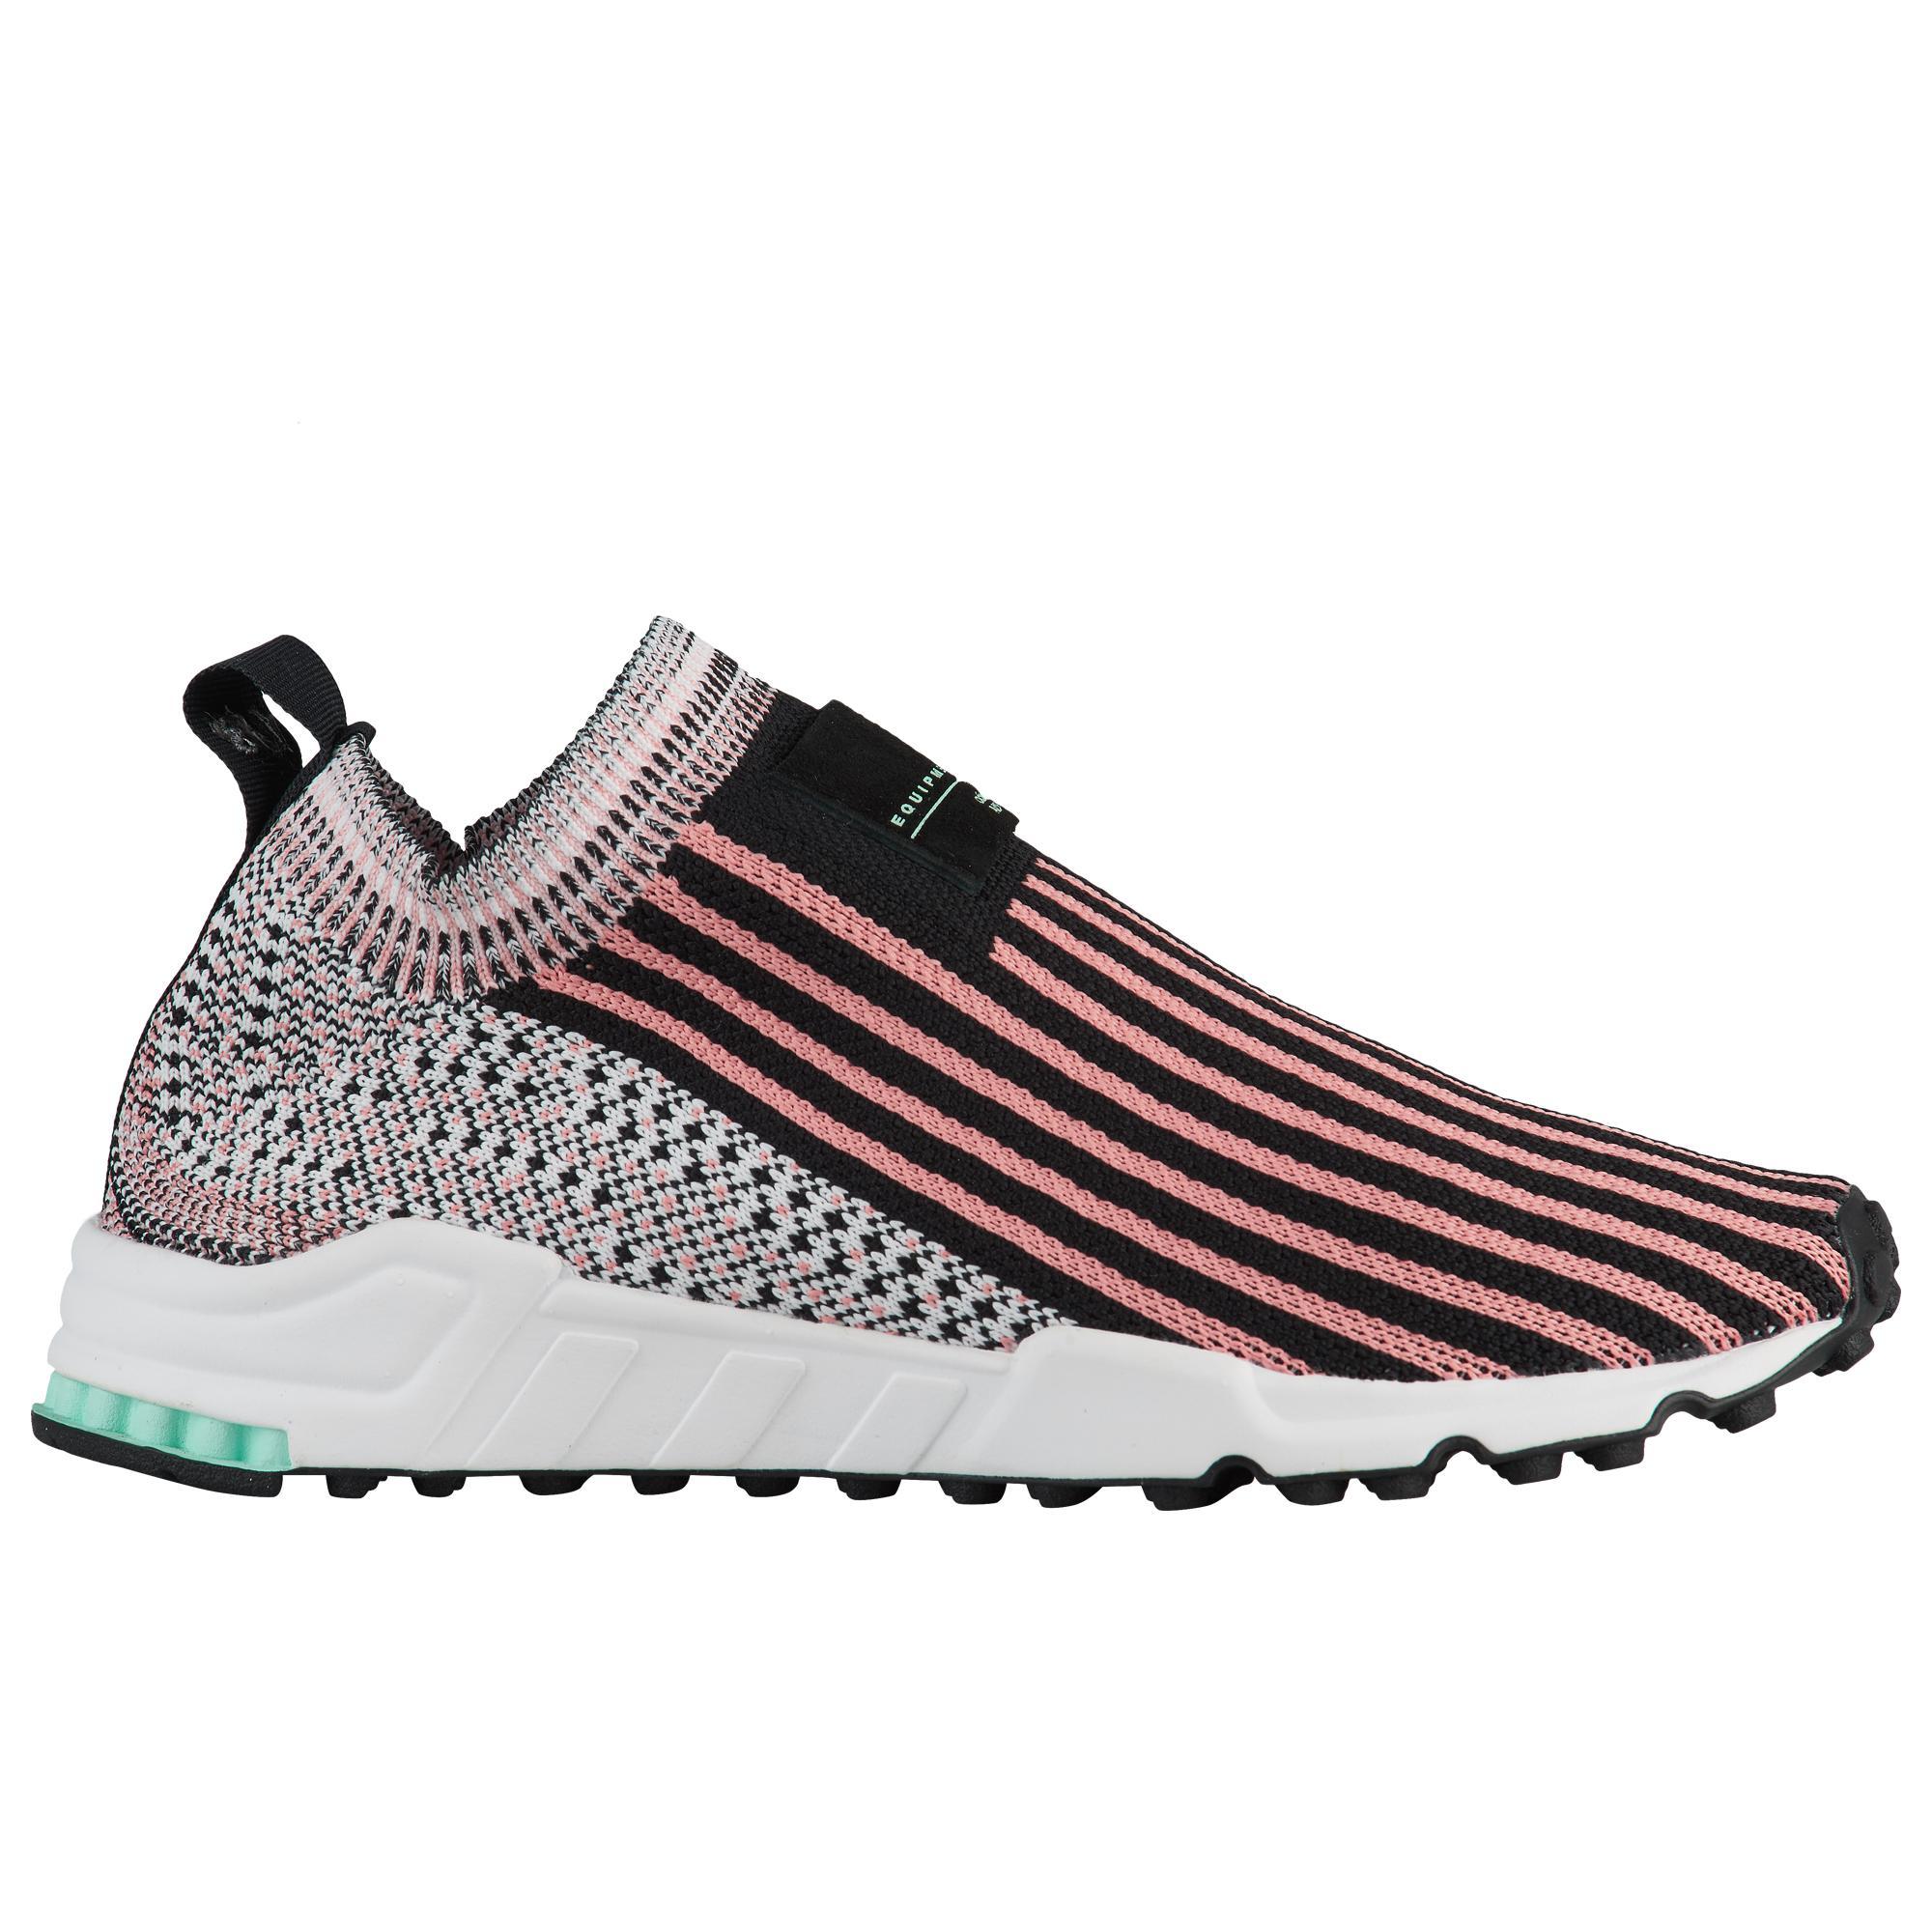 4e702195318 adidas Originals. Women s Eqt Support Sock Primeknit